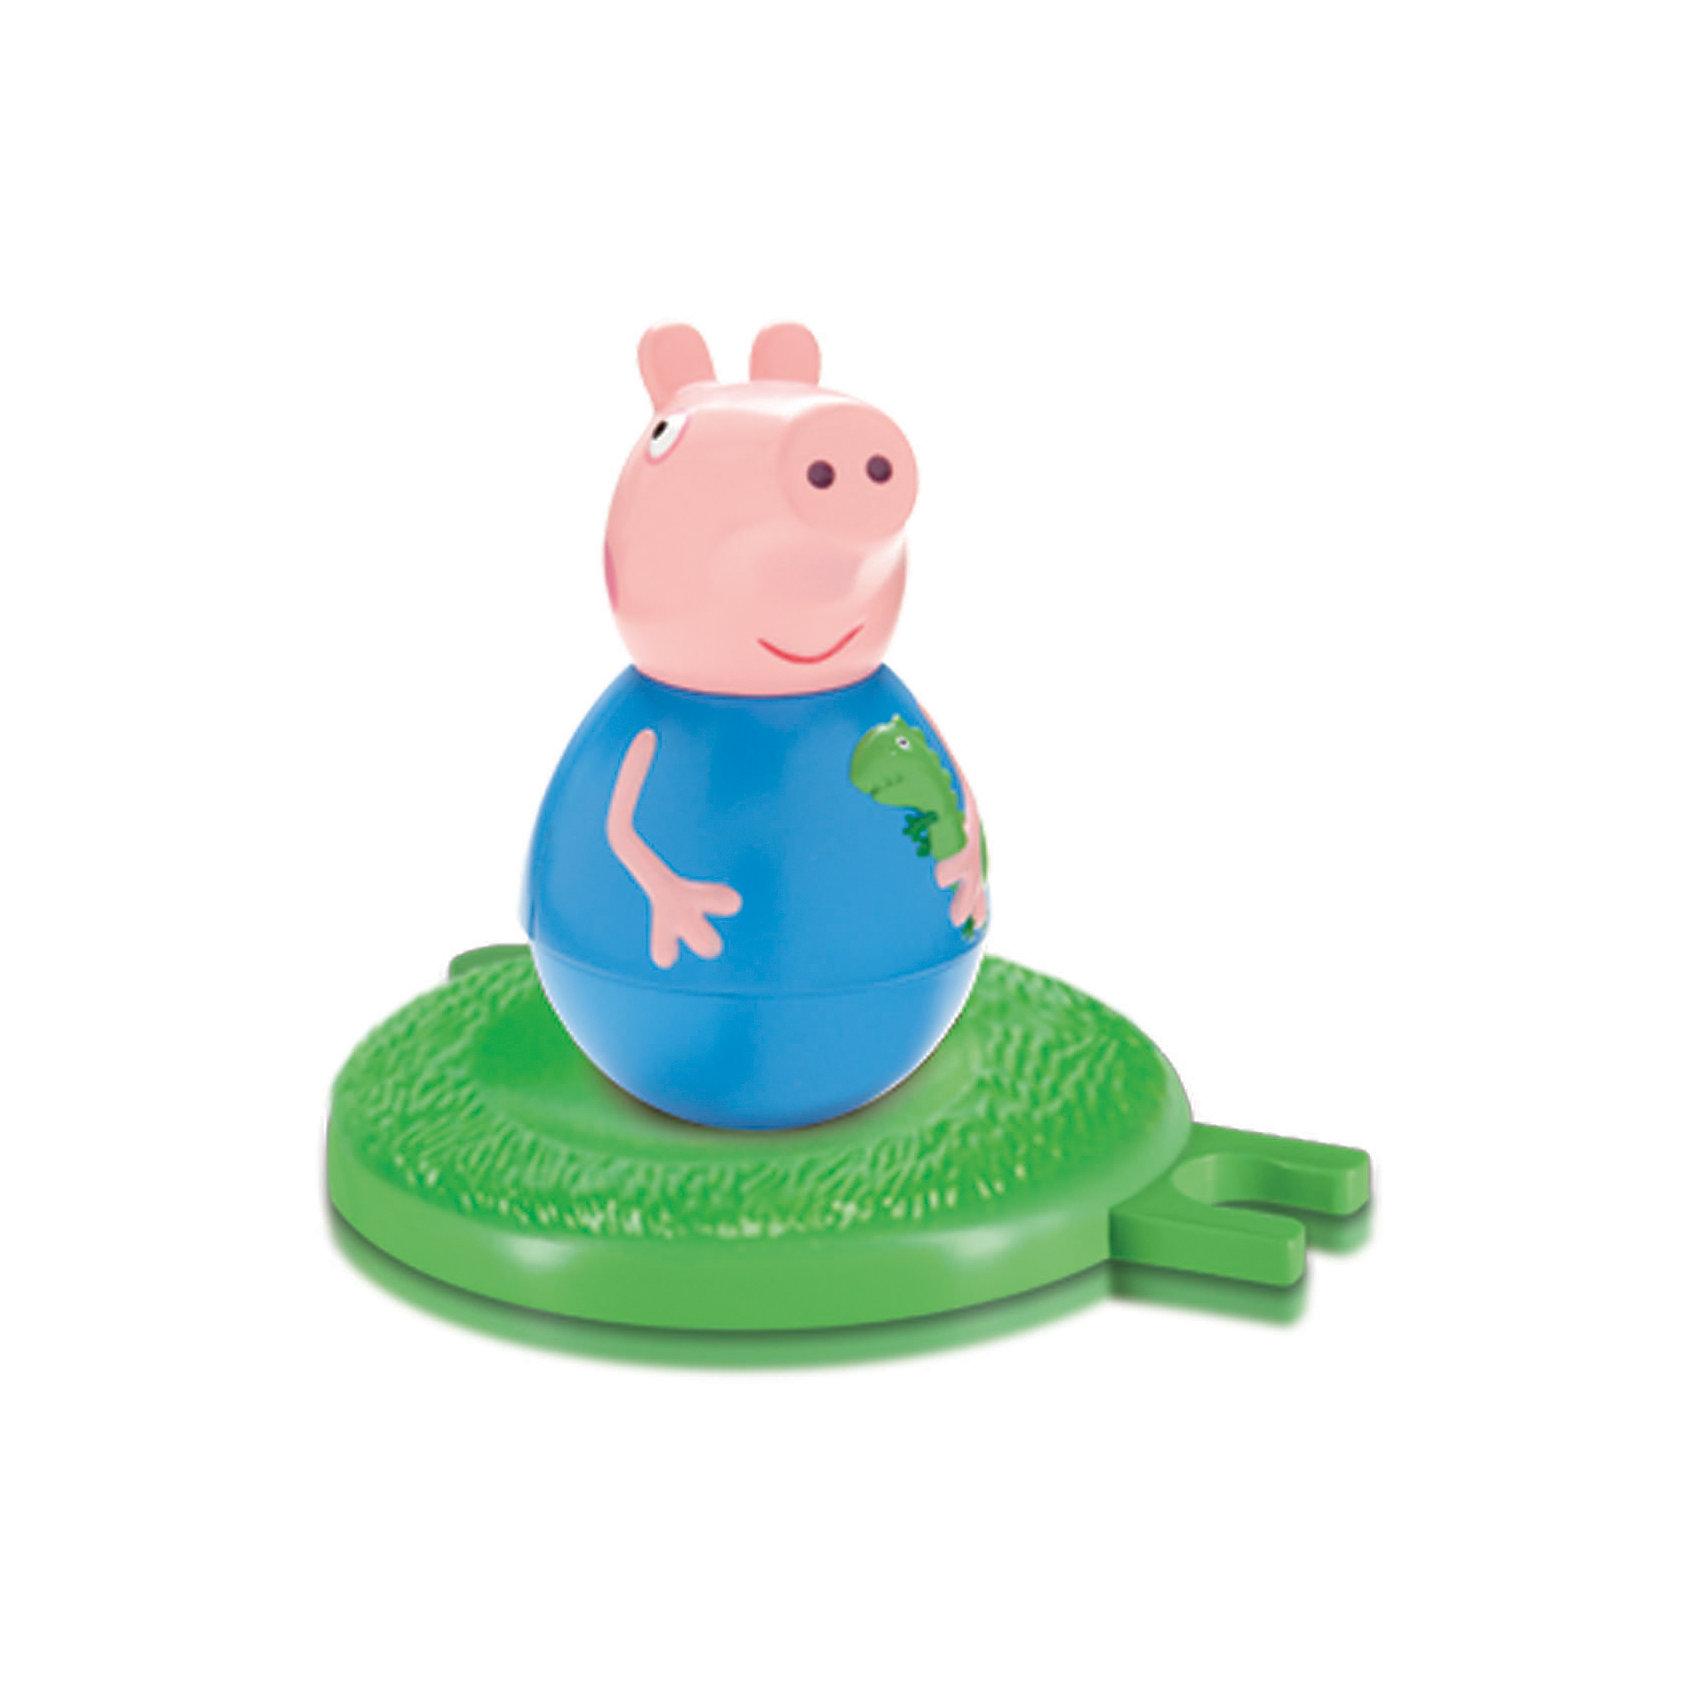 Фигурка неваляшка Джордж , Свинка ПеппаВеселая неваляшка «Джордж» создана для того, чтобы дарить малышам радость! Покрутите фигурку свинки на столе или полу, и она «затанцует», закрутится, закачается в разные стороны и даже не подумает упасть. Задорная игра с ней развивает у детей координацию движений, тренирует цветовосприятие и мышление. Соберите коллекцию неваляшек в виде любимых героев мультфильма «Свинка Пеппа» и устраивайте веселые игры с малютками!&#13;<br><br>Дополнительная информация:<br><br>В наборе: фигурка-неваляшка с выпуклыми ручками размером 7,8 х 4,5 см, игровое поле диаметром 8 см, соединяющееся с игровыми полями из других наборов по типу пазлов.<br>Игрушки выполнены из пластика и пластизоля. <br>Упаковка – коробка с блистером размером 17 х 15 х 5,5 см.<br><br>Фигурку неваляшку Джордж , Свинка Пеппа можно купить в нашем магазине.<br><br>Ширина мм: 170<br>Глубина мм: 152<br>Высота мм: 55<br>Вес г: 140<br>Возраст от месяцев: 36<br>Возраст до месяцев: 72<br>Пол: Унисекс<br>Возраст: Детский<br>SKU: 4338804